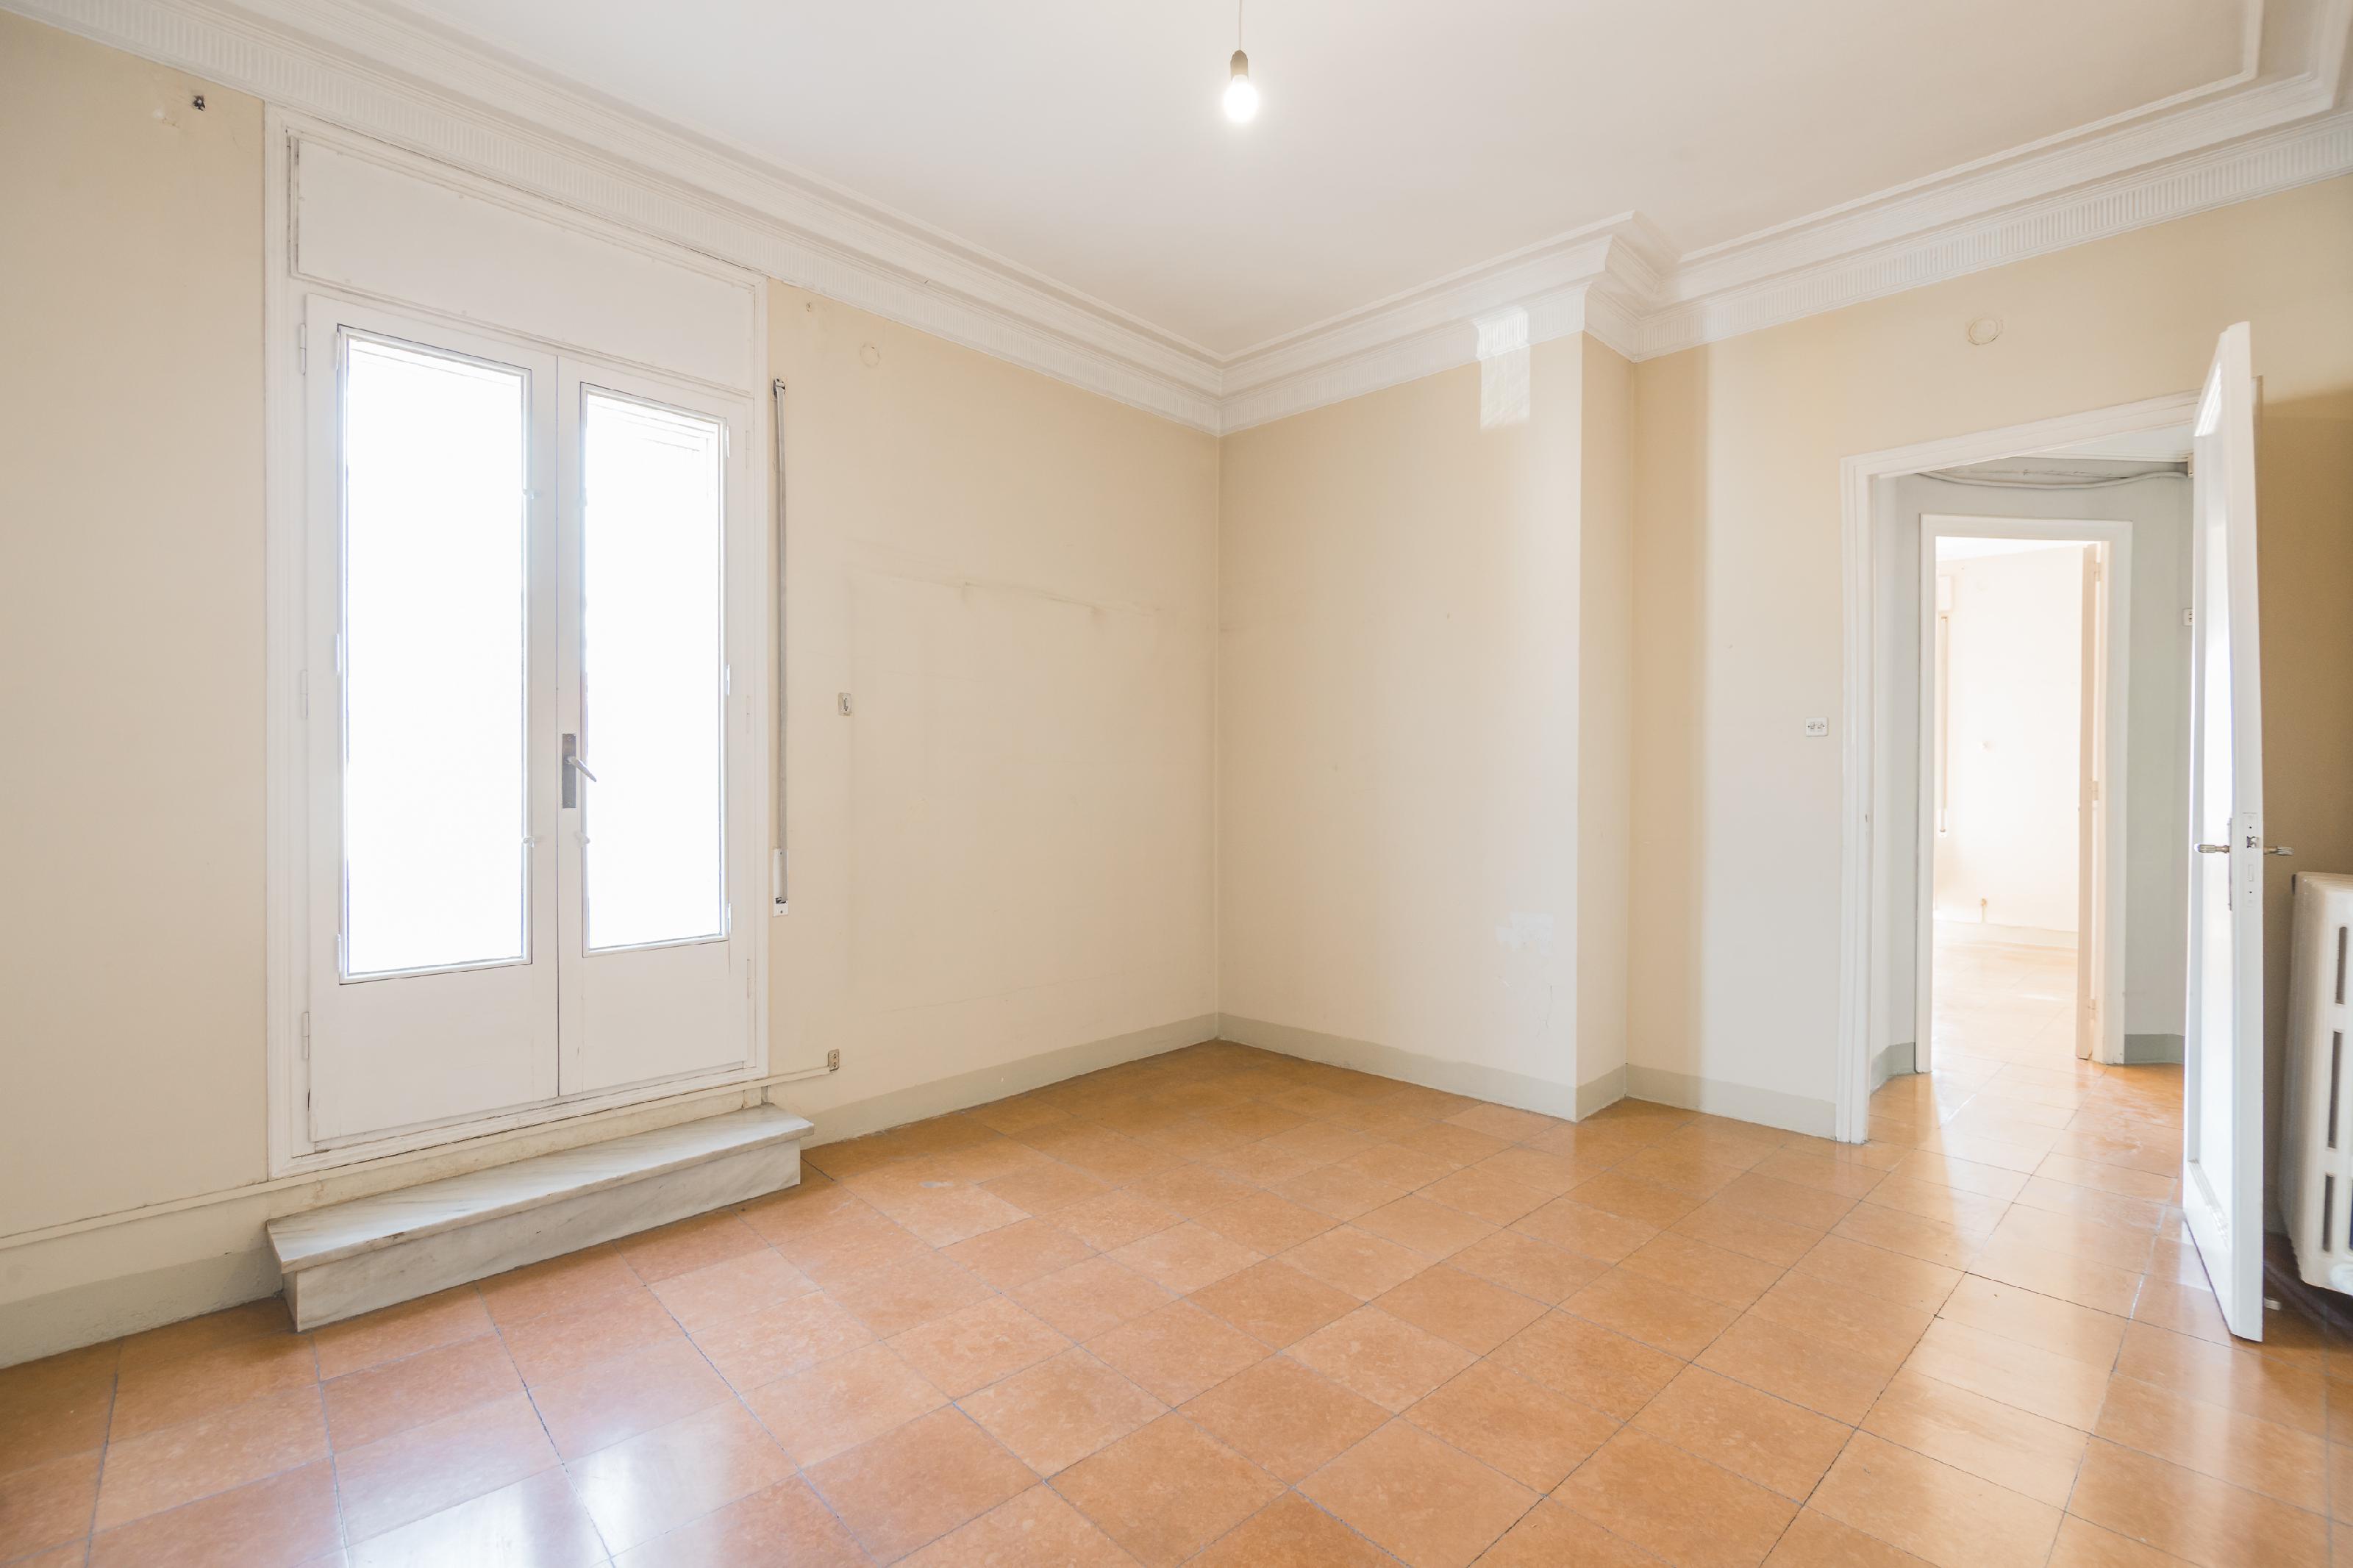 246643 Penthouse for sale in Sarrià-Sant Gervasi, St. Gervasi-Bonanova 26